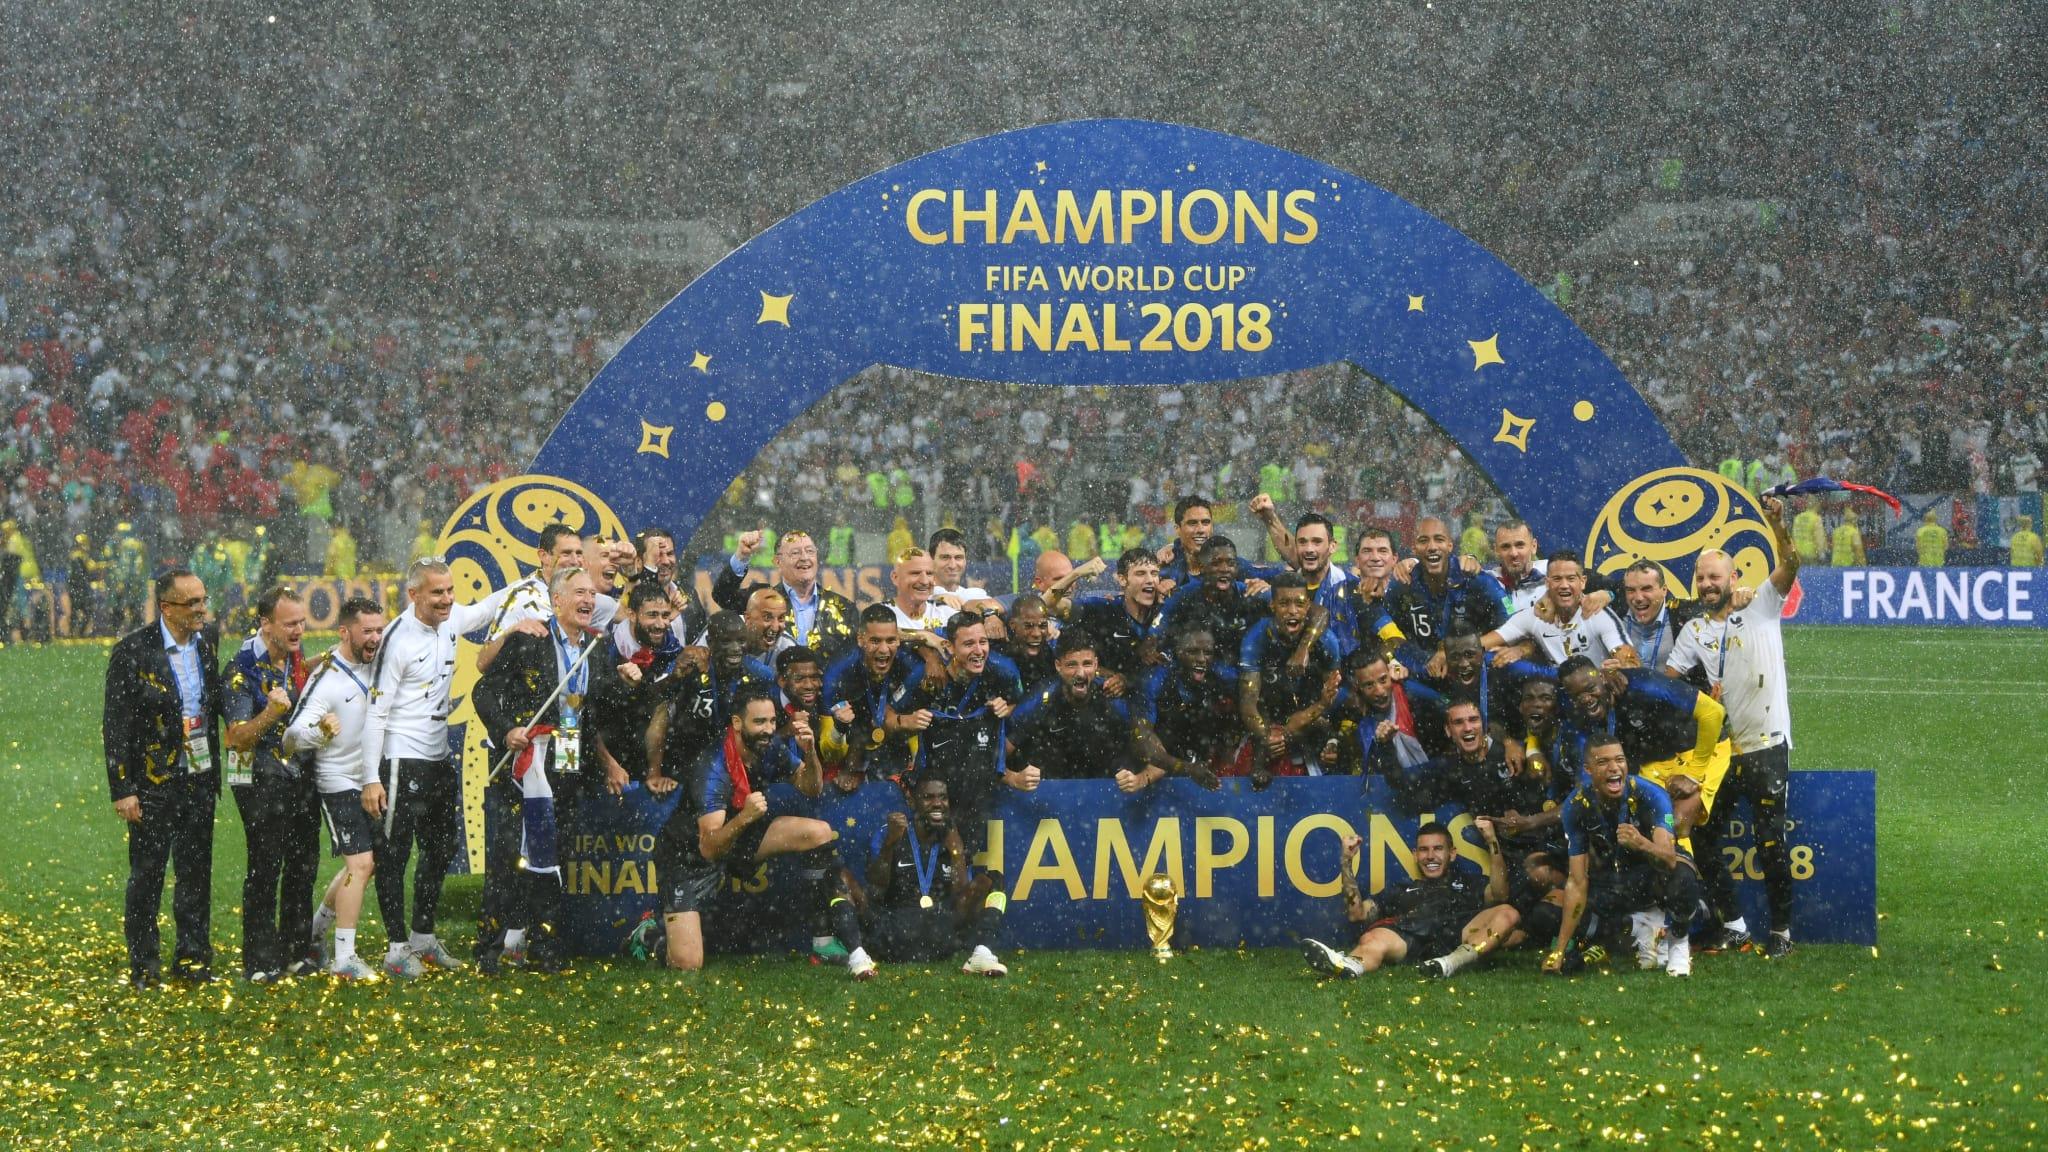 フランスのみなさま、2度目の優勝!おめでとうございます!!。